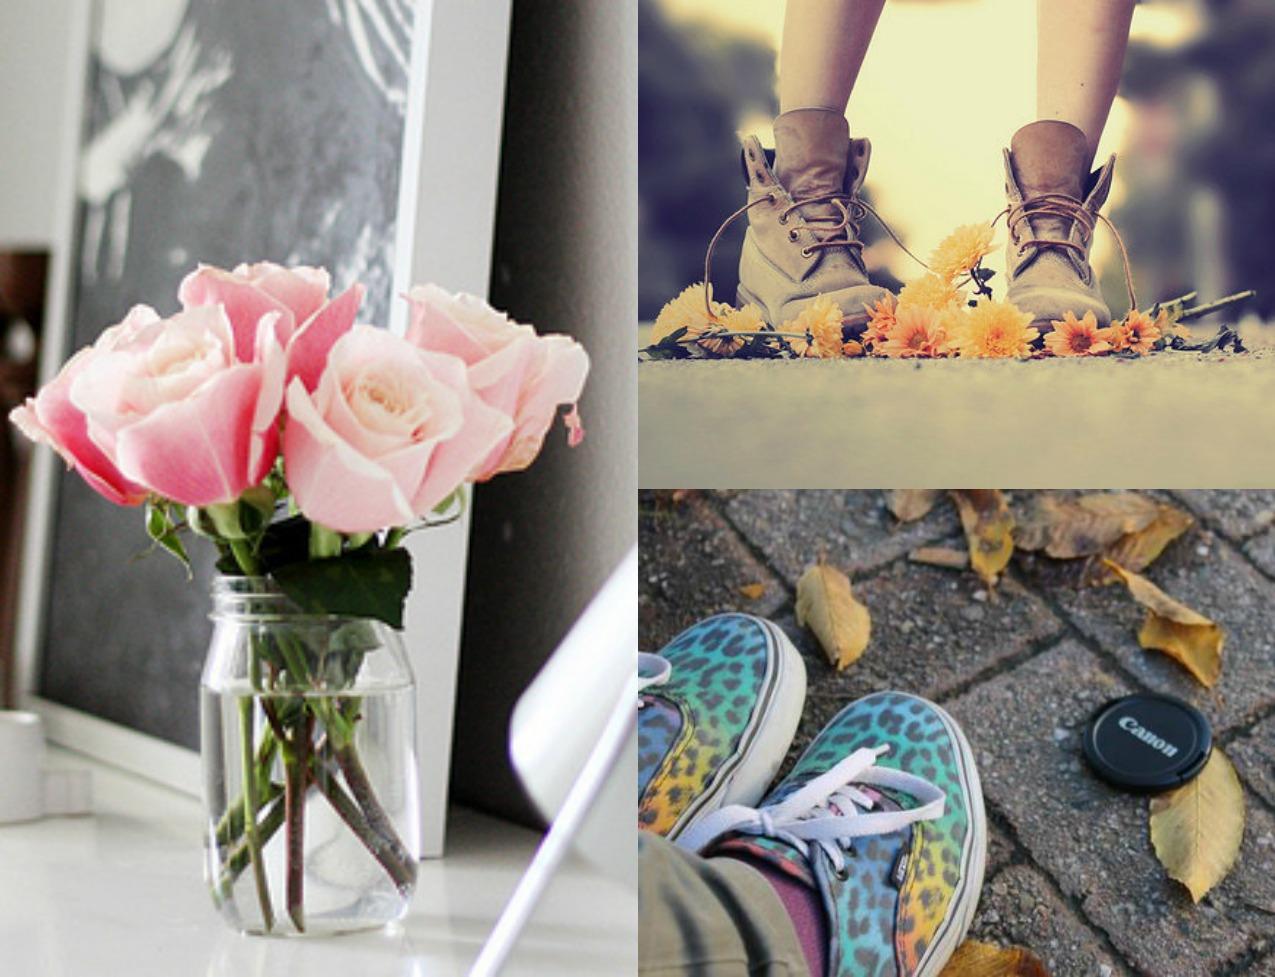 alessia milanese, thechilicool,sabato, le scarpe da running, i capelli scomposti e un pizzico d'amore, spartoo